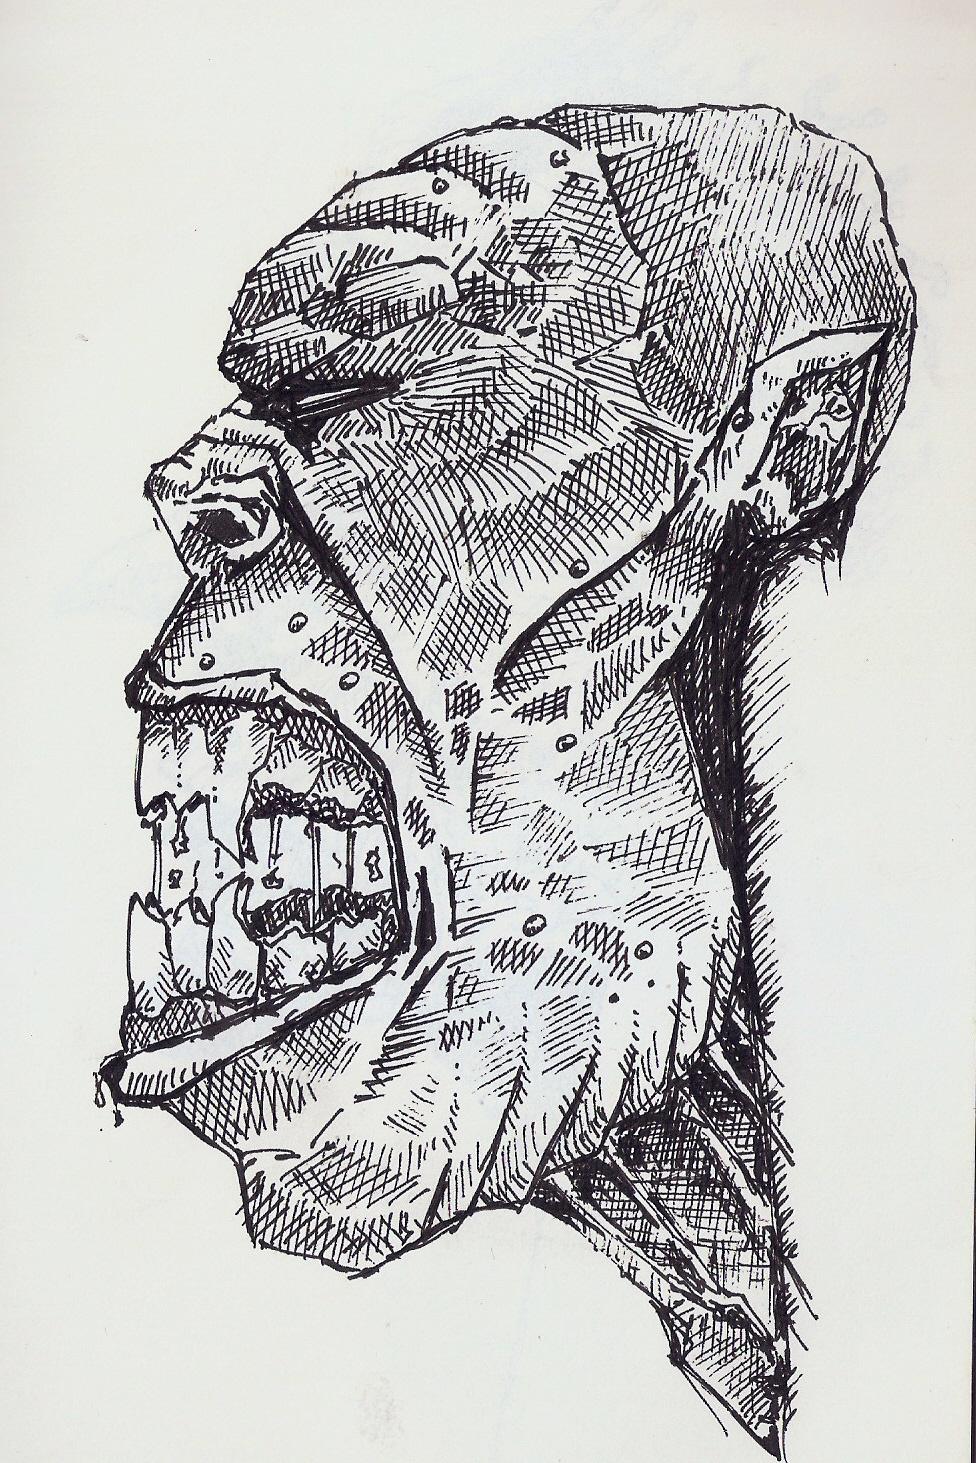 cofee shiop doodle 3